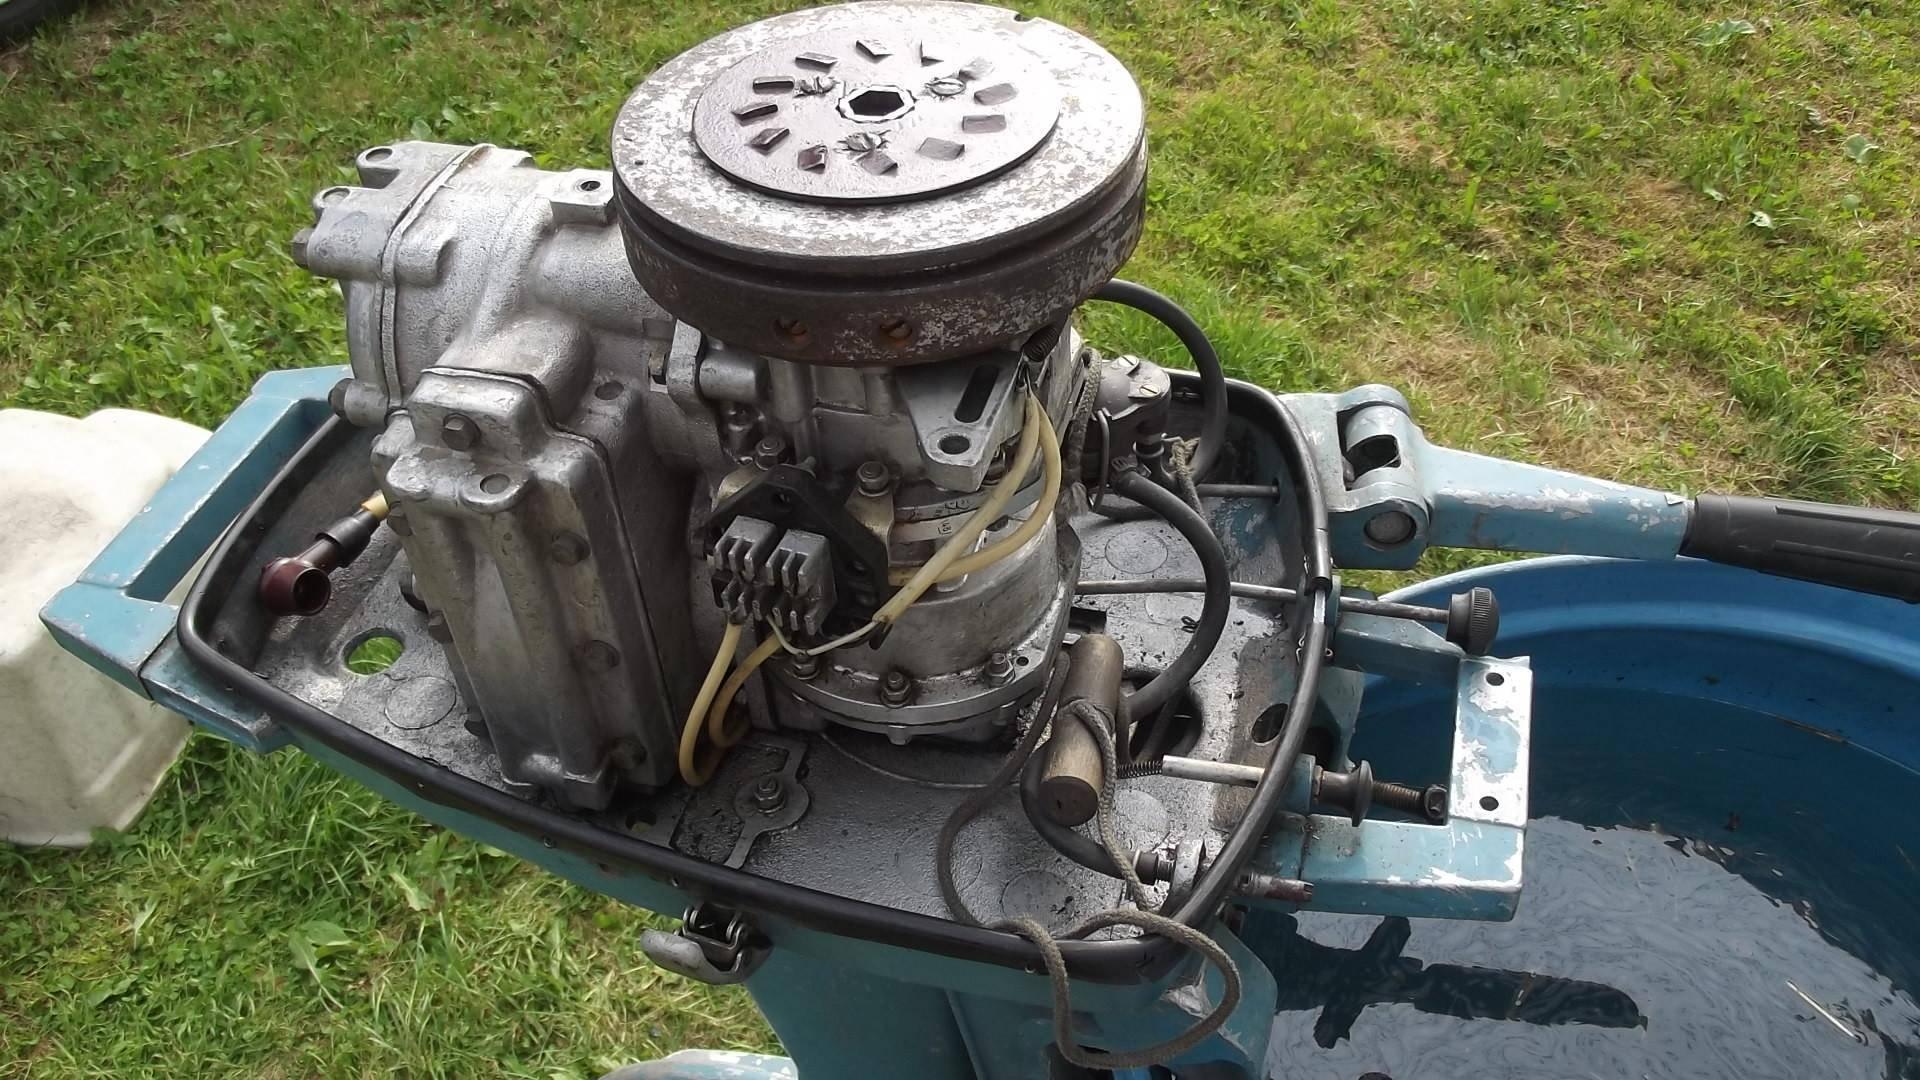 Лодочный мотор вихрь: что это такое, модели и технические характеристики